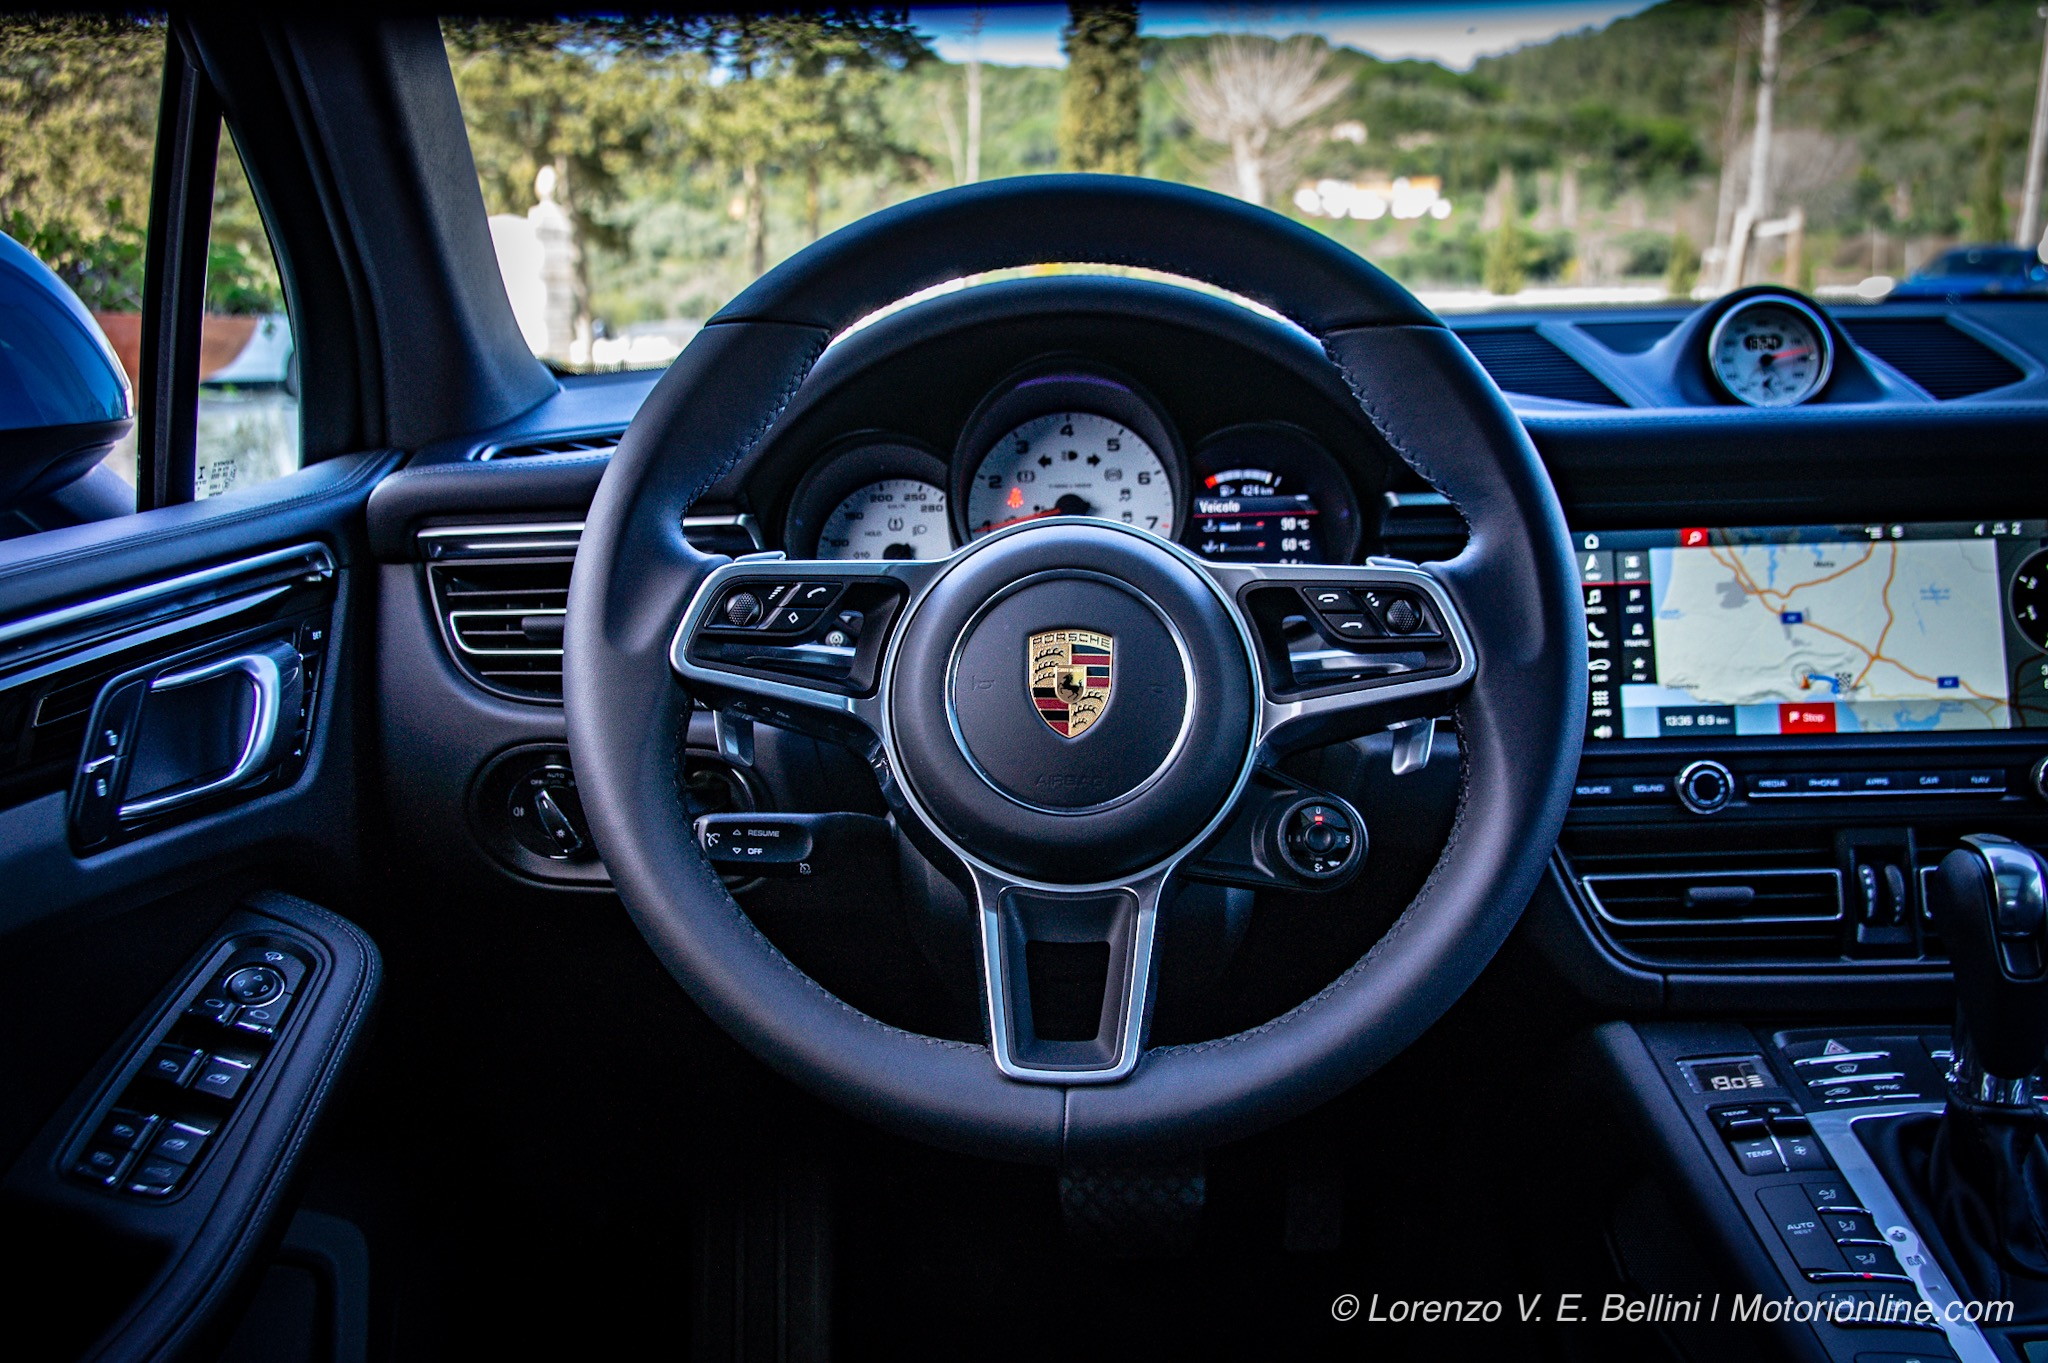 Porsche Macan MY 2019 - Test Drive in Anteprima